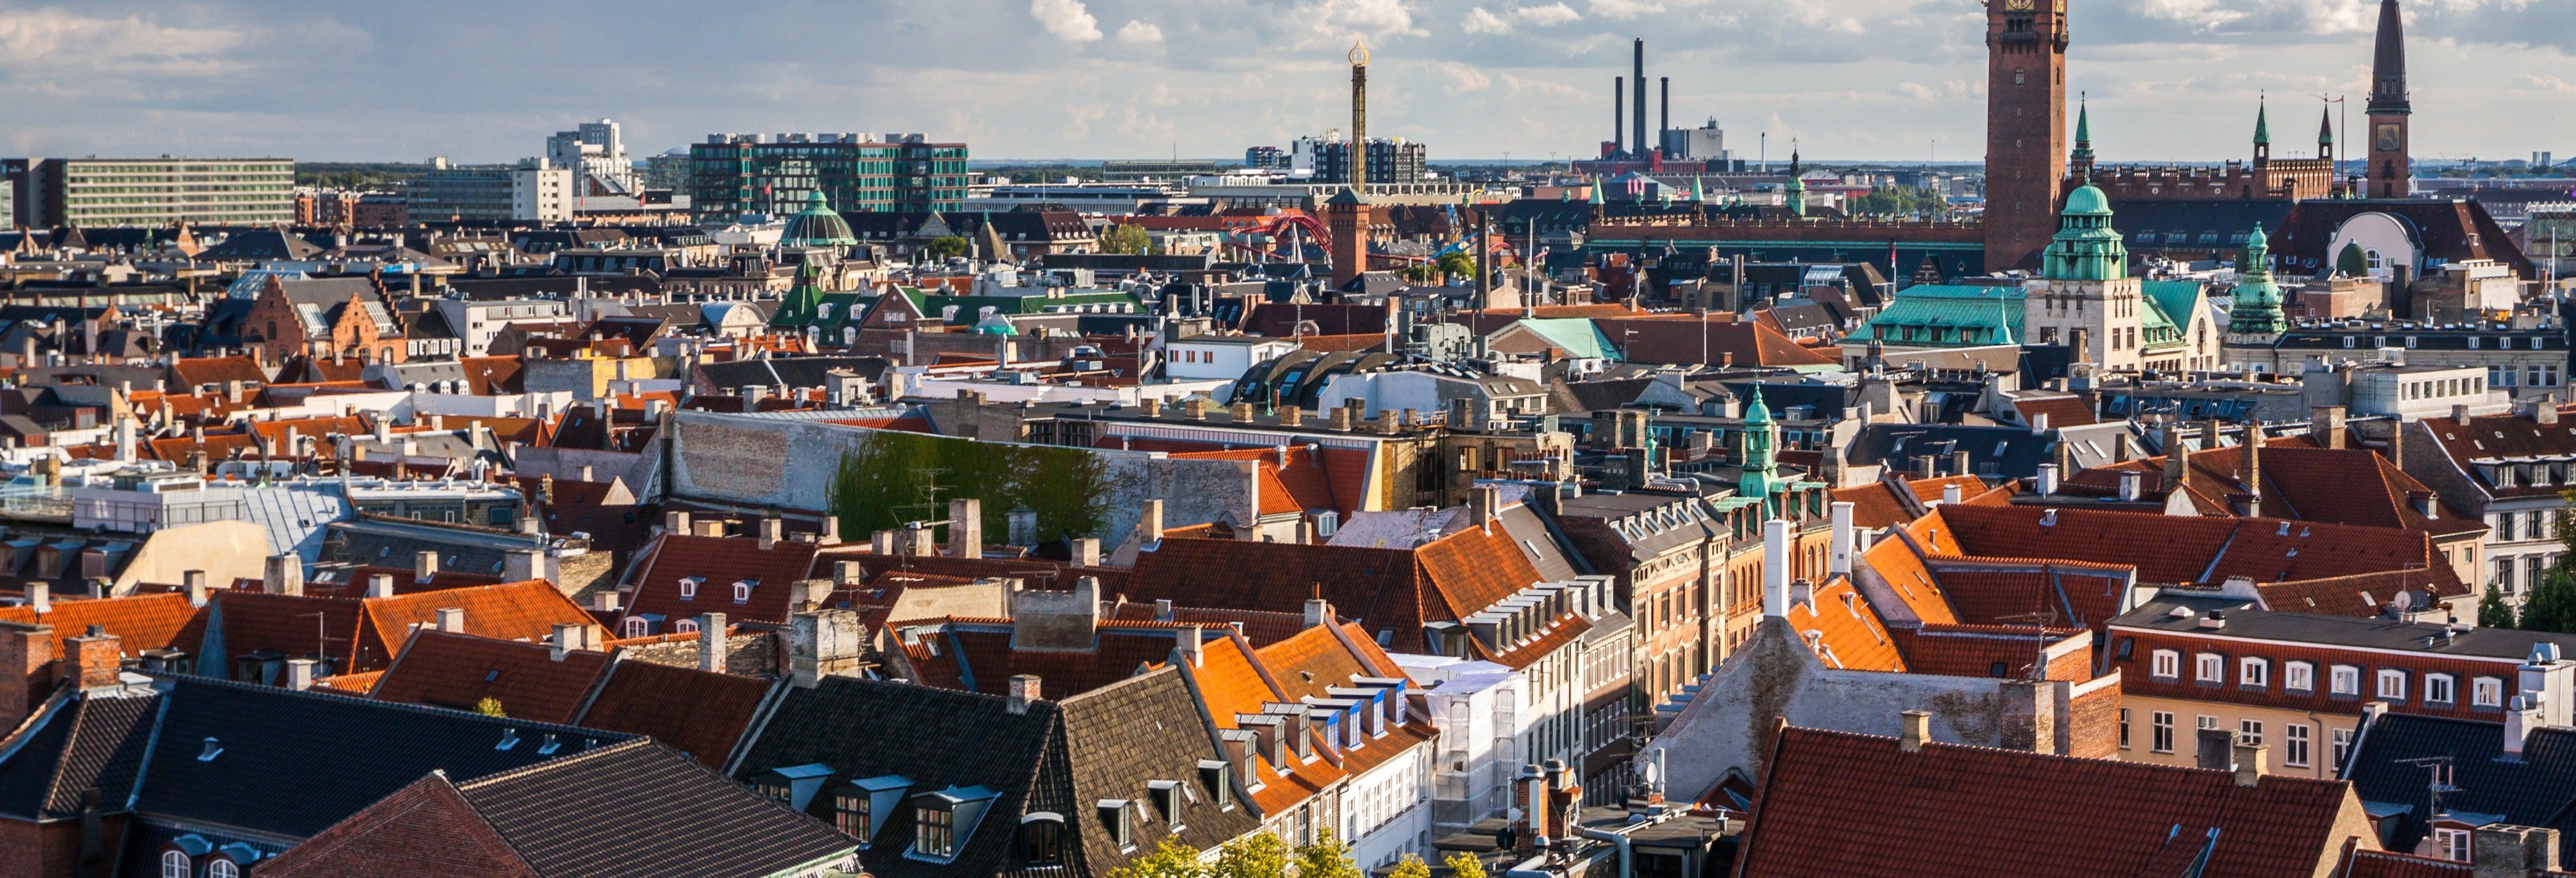 Tour panorámico por Copenhague